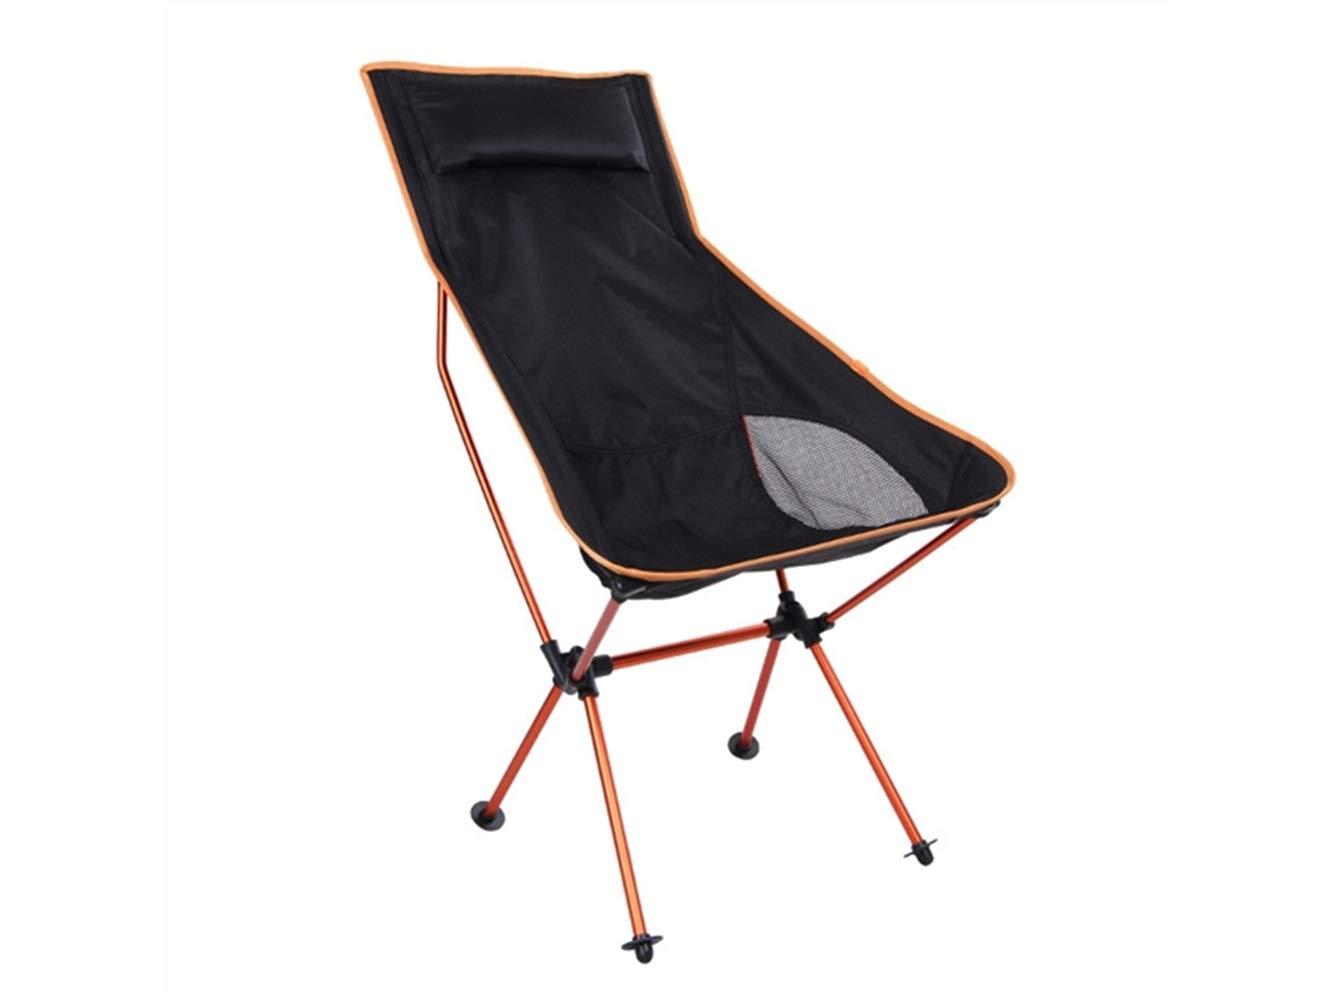 LMKIJN Bequemer Stuhl Outdoor-Klapp Angeln Stuhl Liege Camping Stuhl Strand Liege für Camping und Angeln (Orange) für den Urlaub